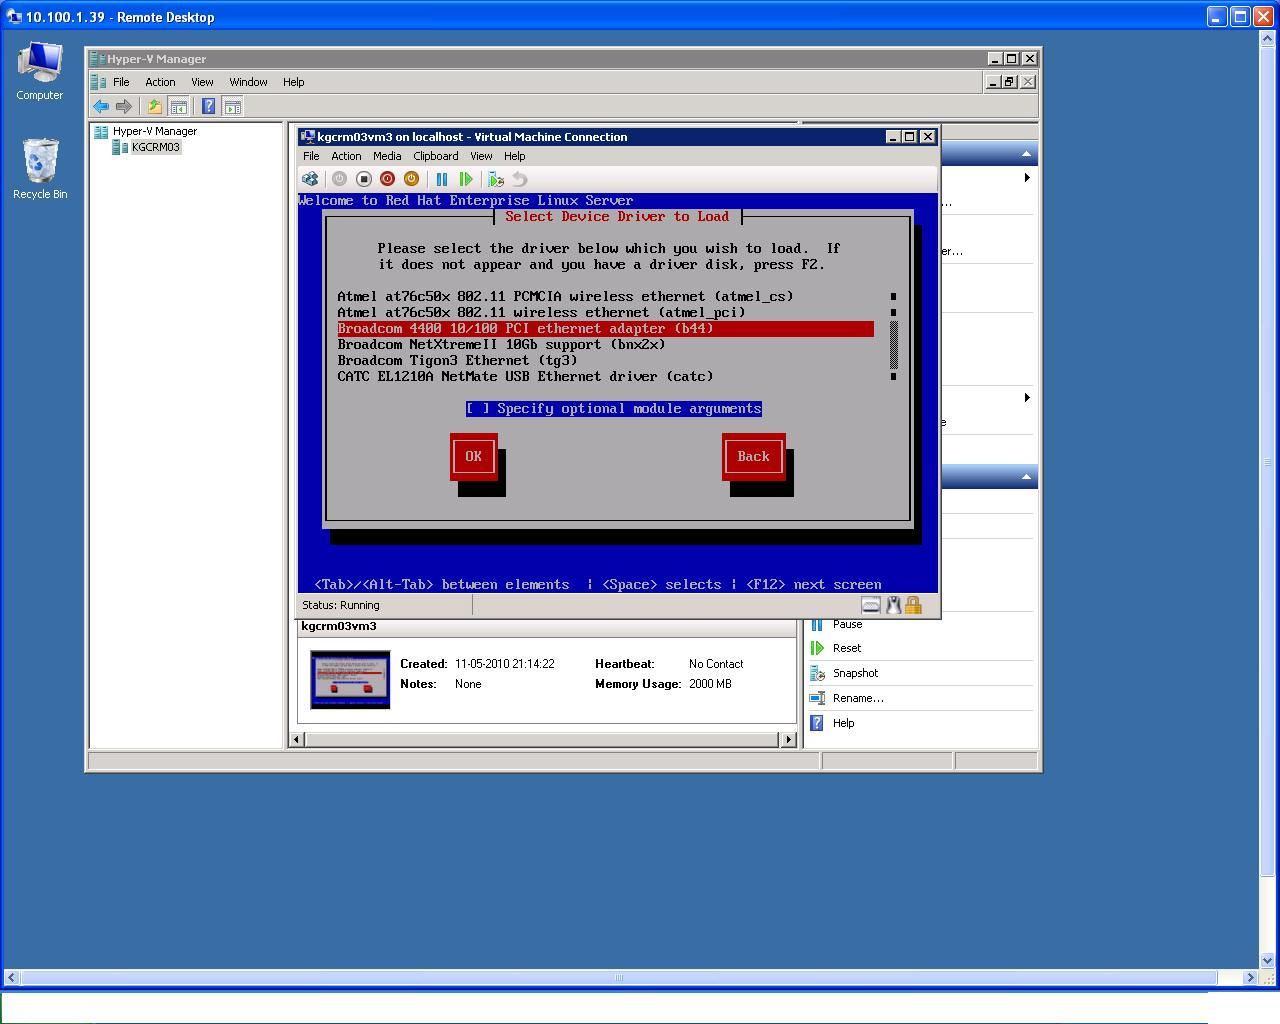 BROADCOM BNX2 RHEL5 DRIVER FOR PC